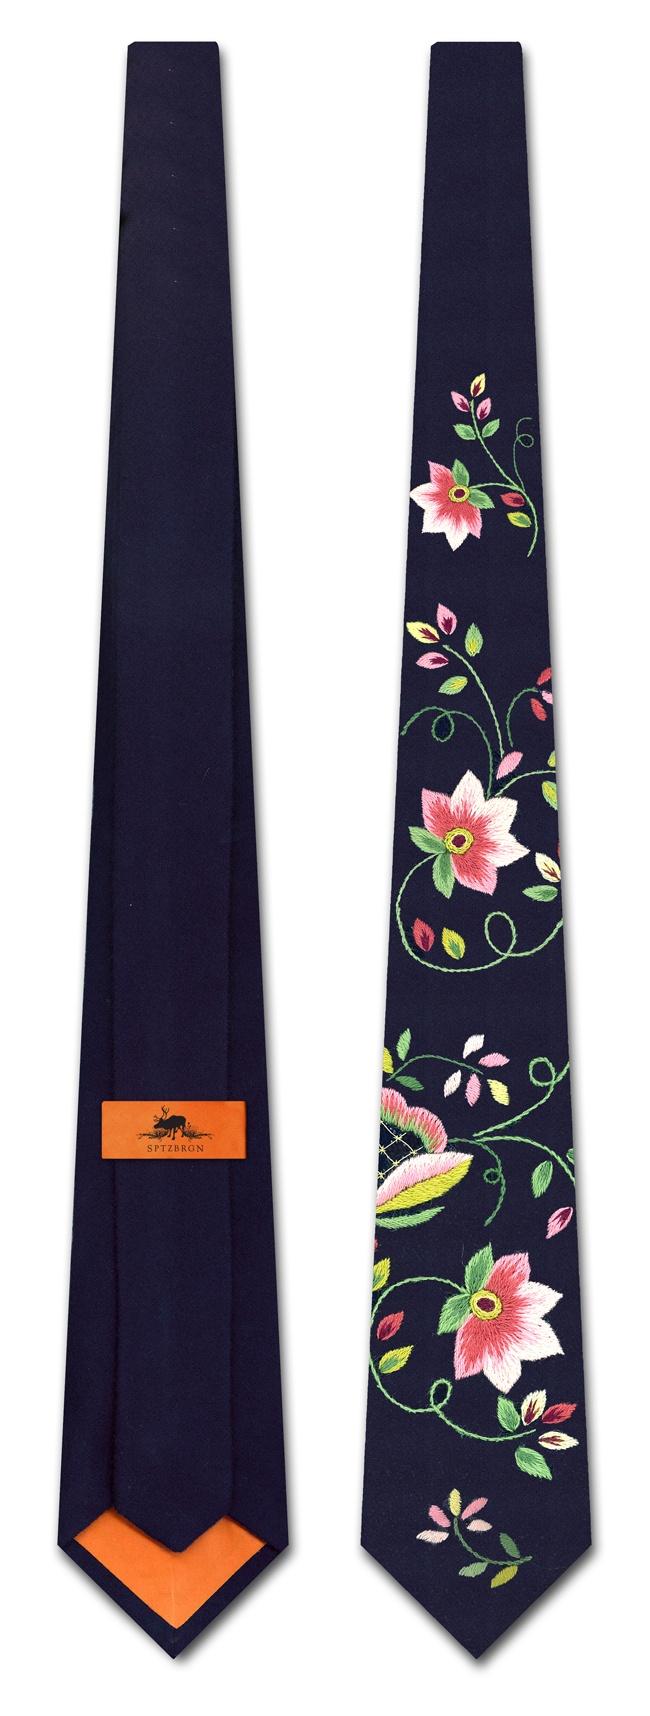 lundeby bunad slips - Norwegian folk costume tie - @Joshua Osborne